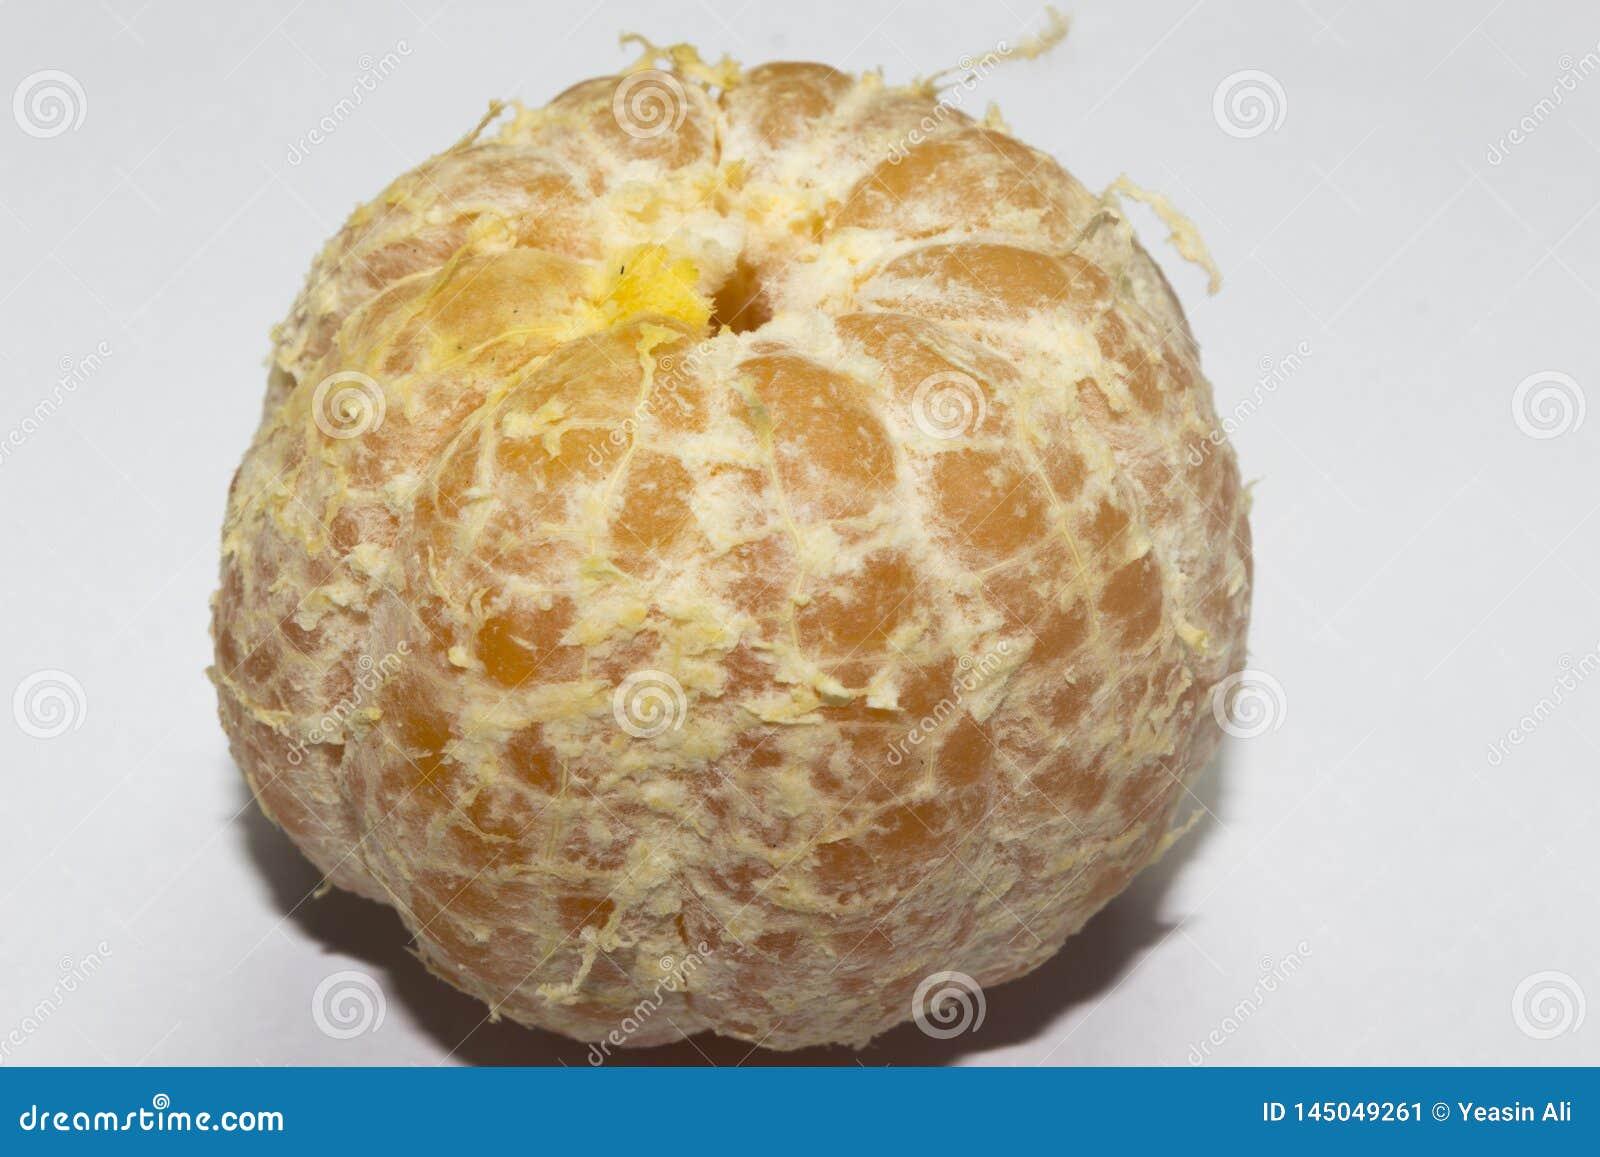 橙色黏浆状物质